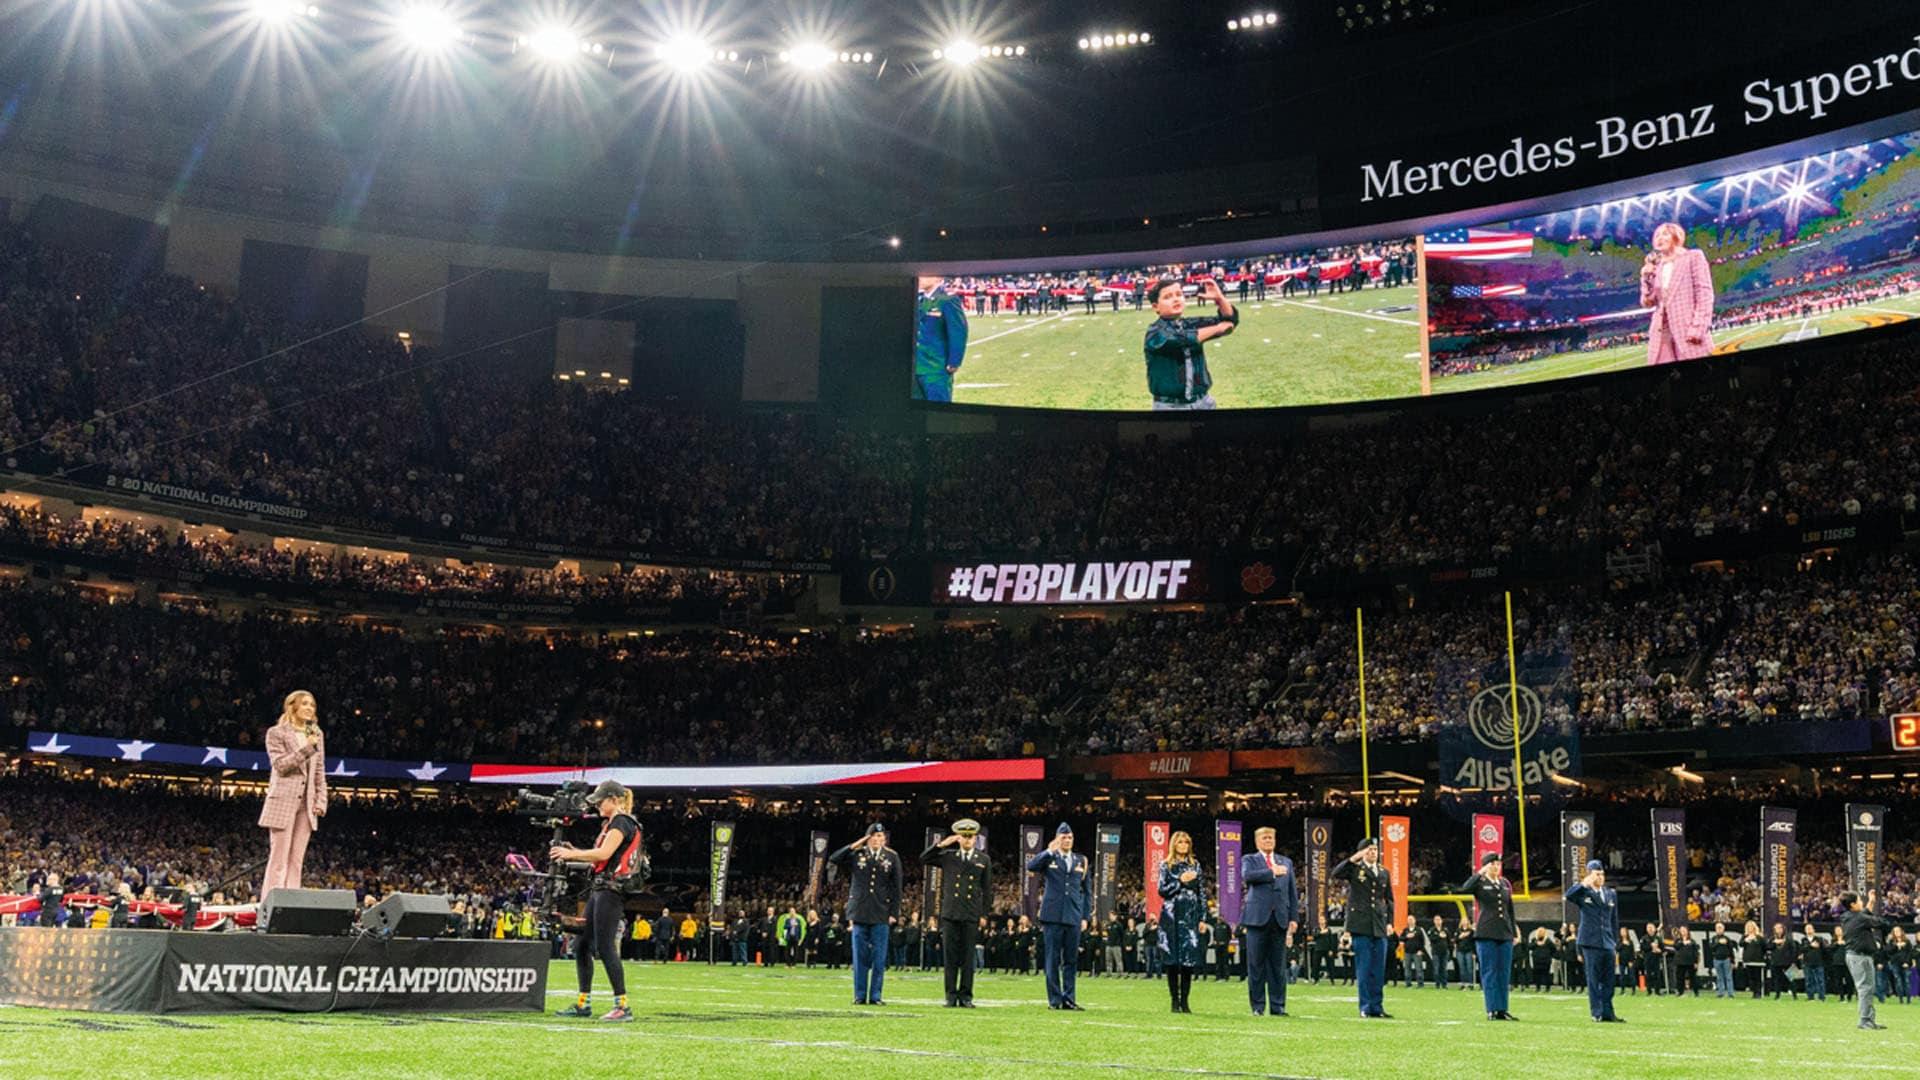 """Am 13. Januar sang die Künstlerin beim """"College Football National Playoff"""" in New Orleans die amerikanische Nationalhymne – vor dem amerikanischen Präsidenten Donald Trump, dessen Ehefrau Melania sowie tausenden Anwesenden vor Ort und Millionen von Fernsehzuschauern."""